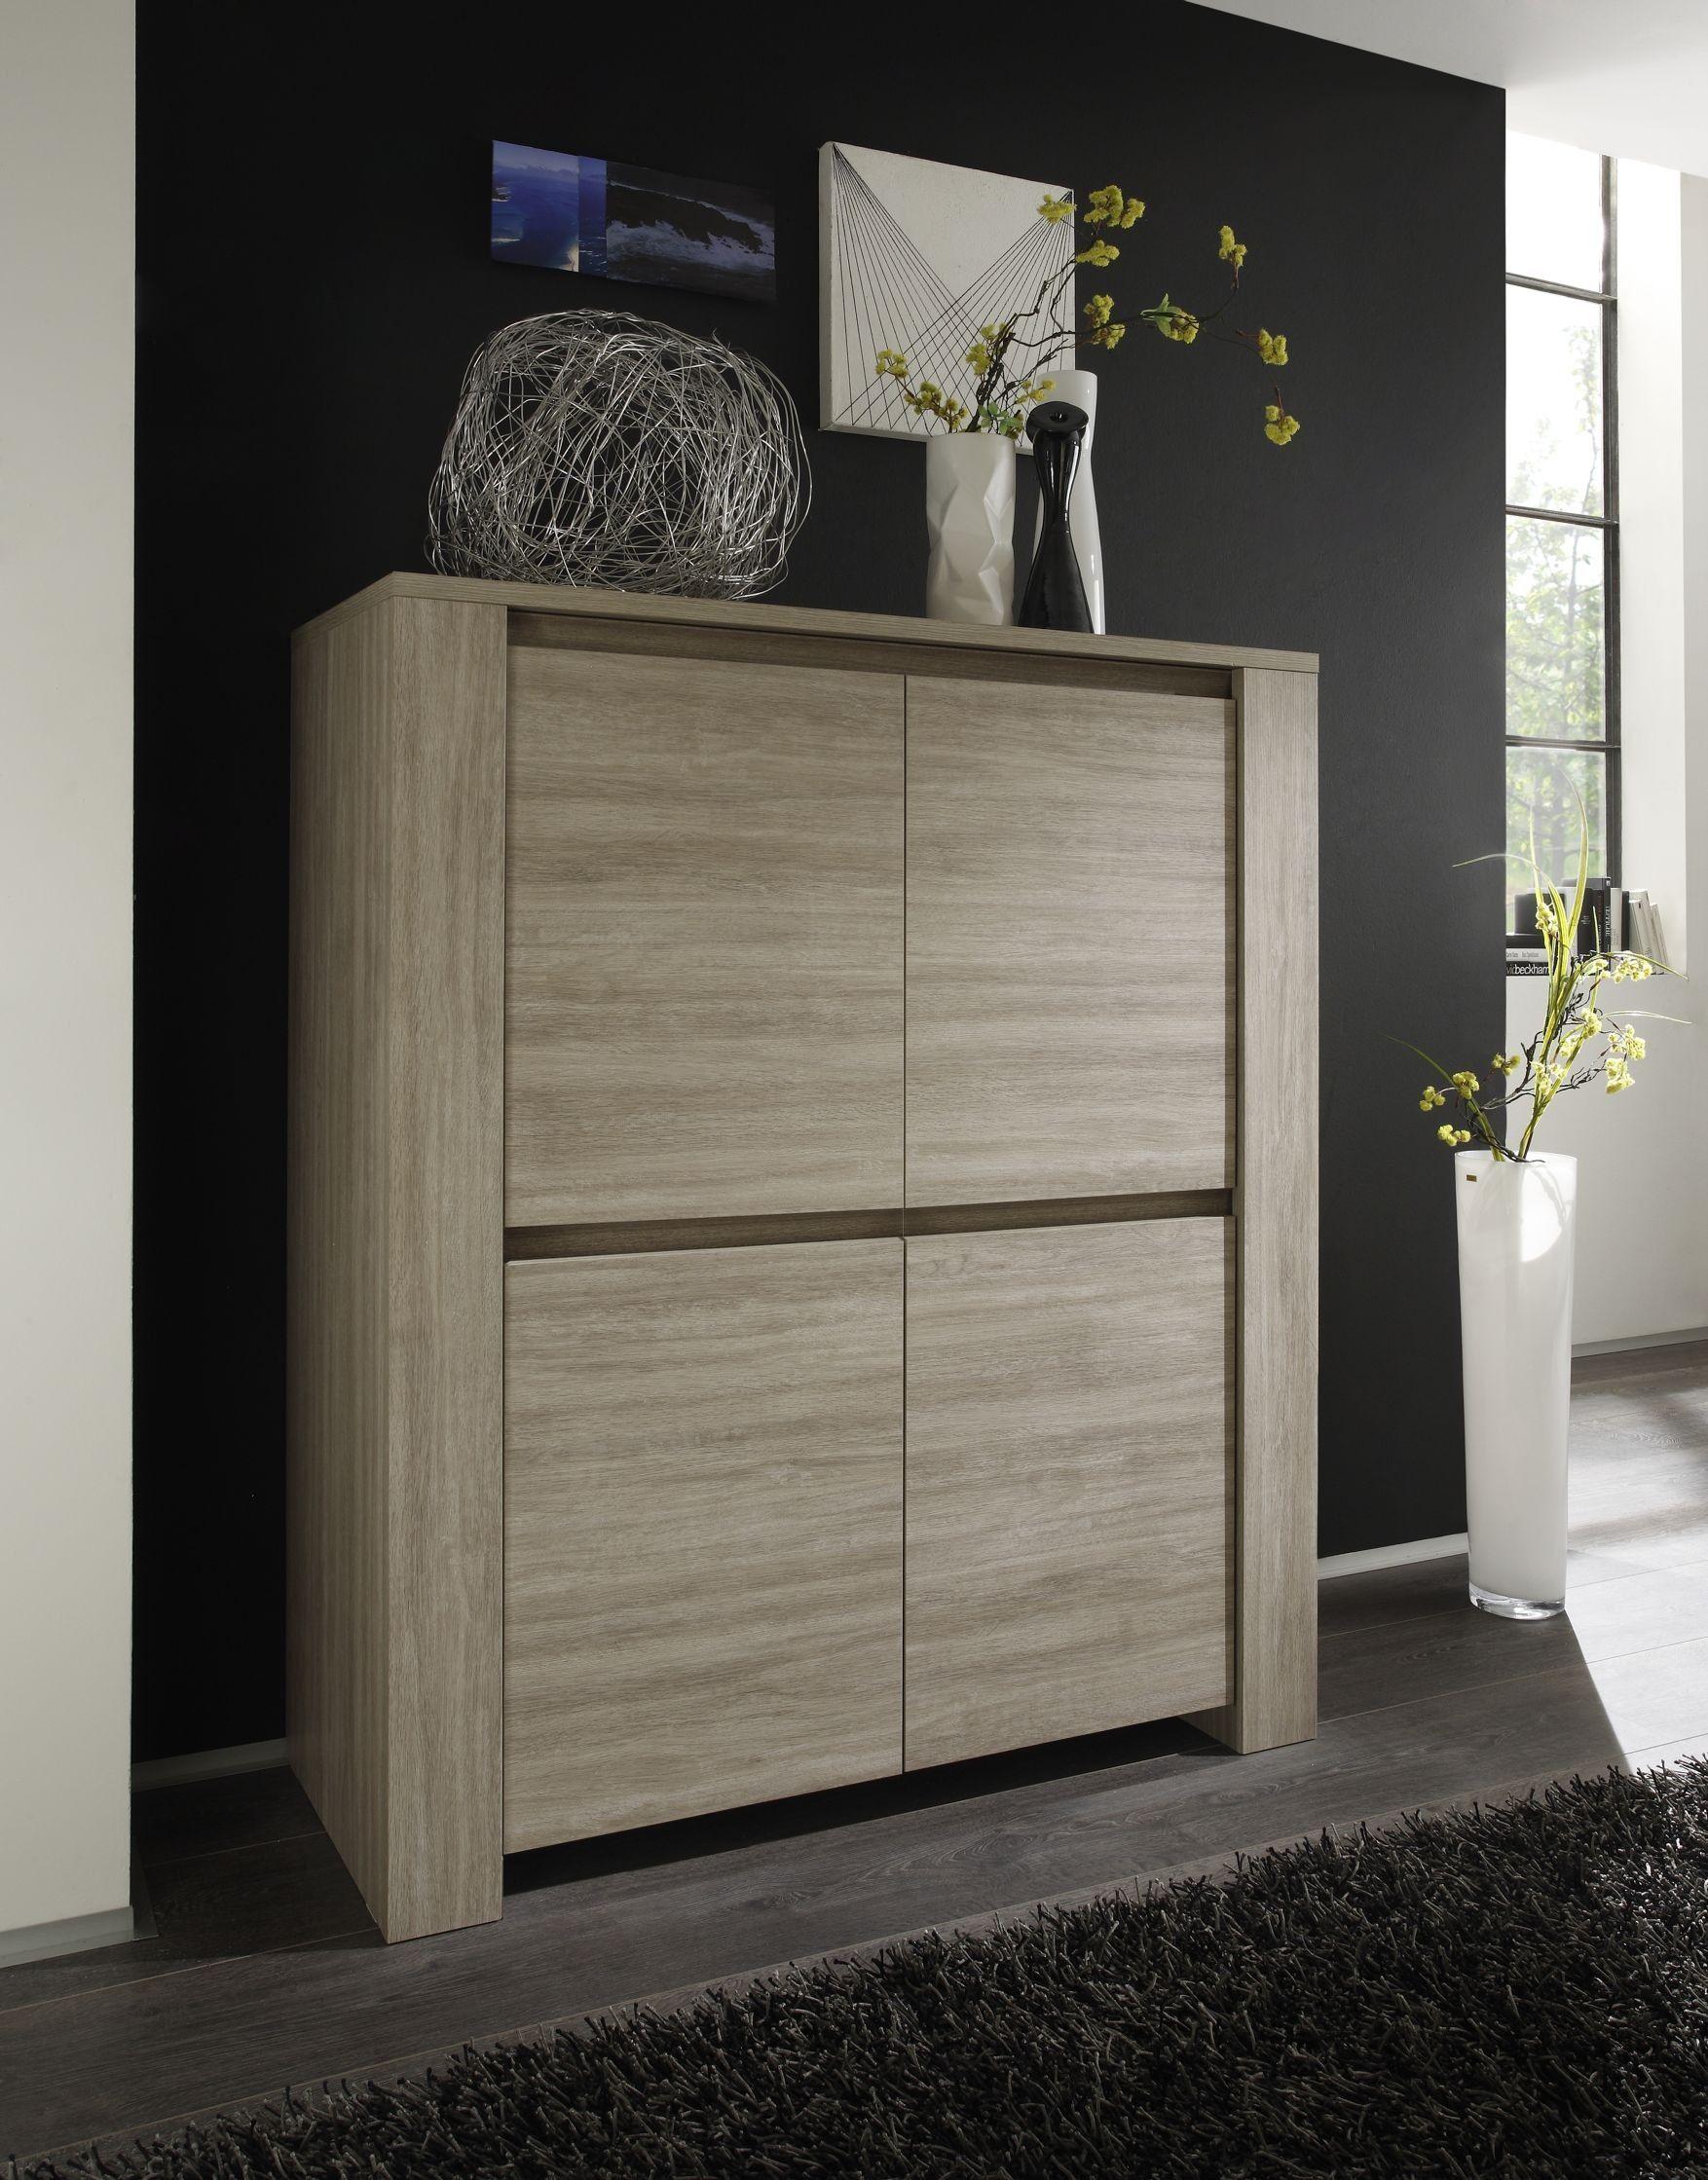 Le Vaisselier concernant vaisselier/argentier 4 portes pleines contemporain chêne gris